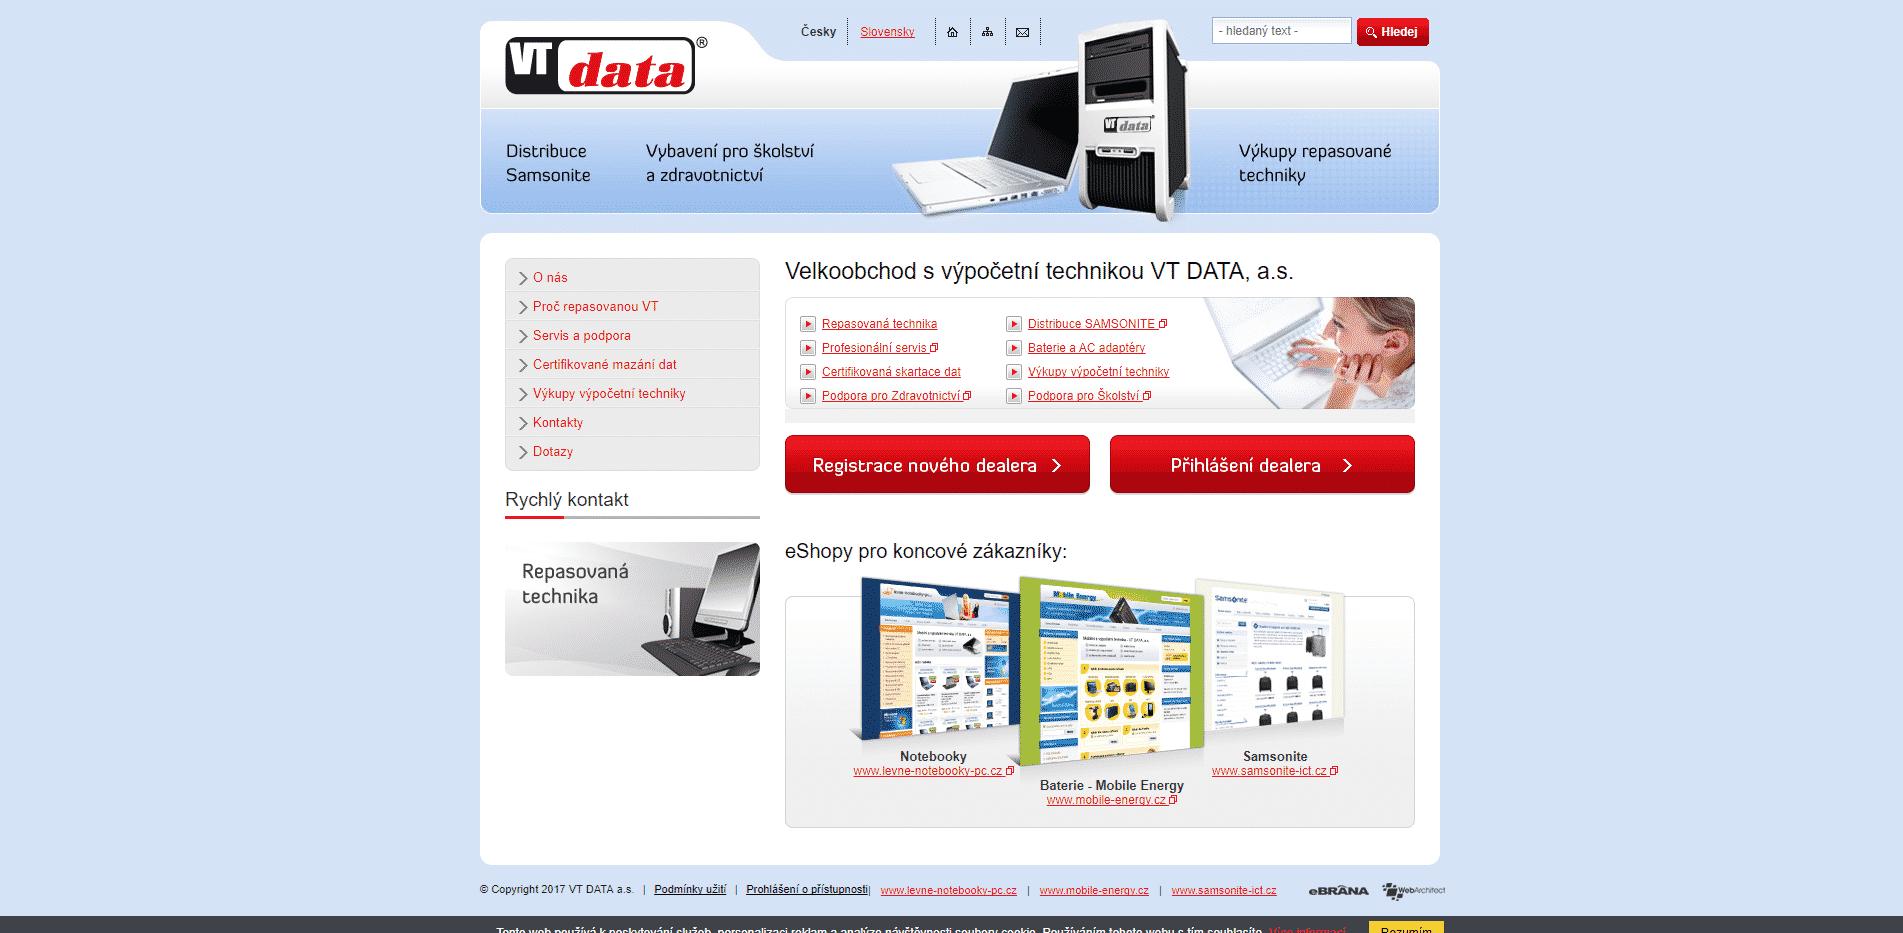 Velkoobchod s výpočetní technikou VT DATA a.s.